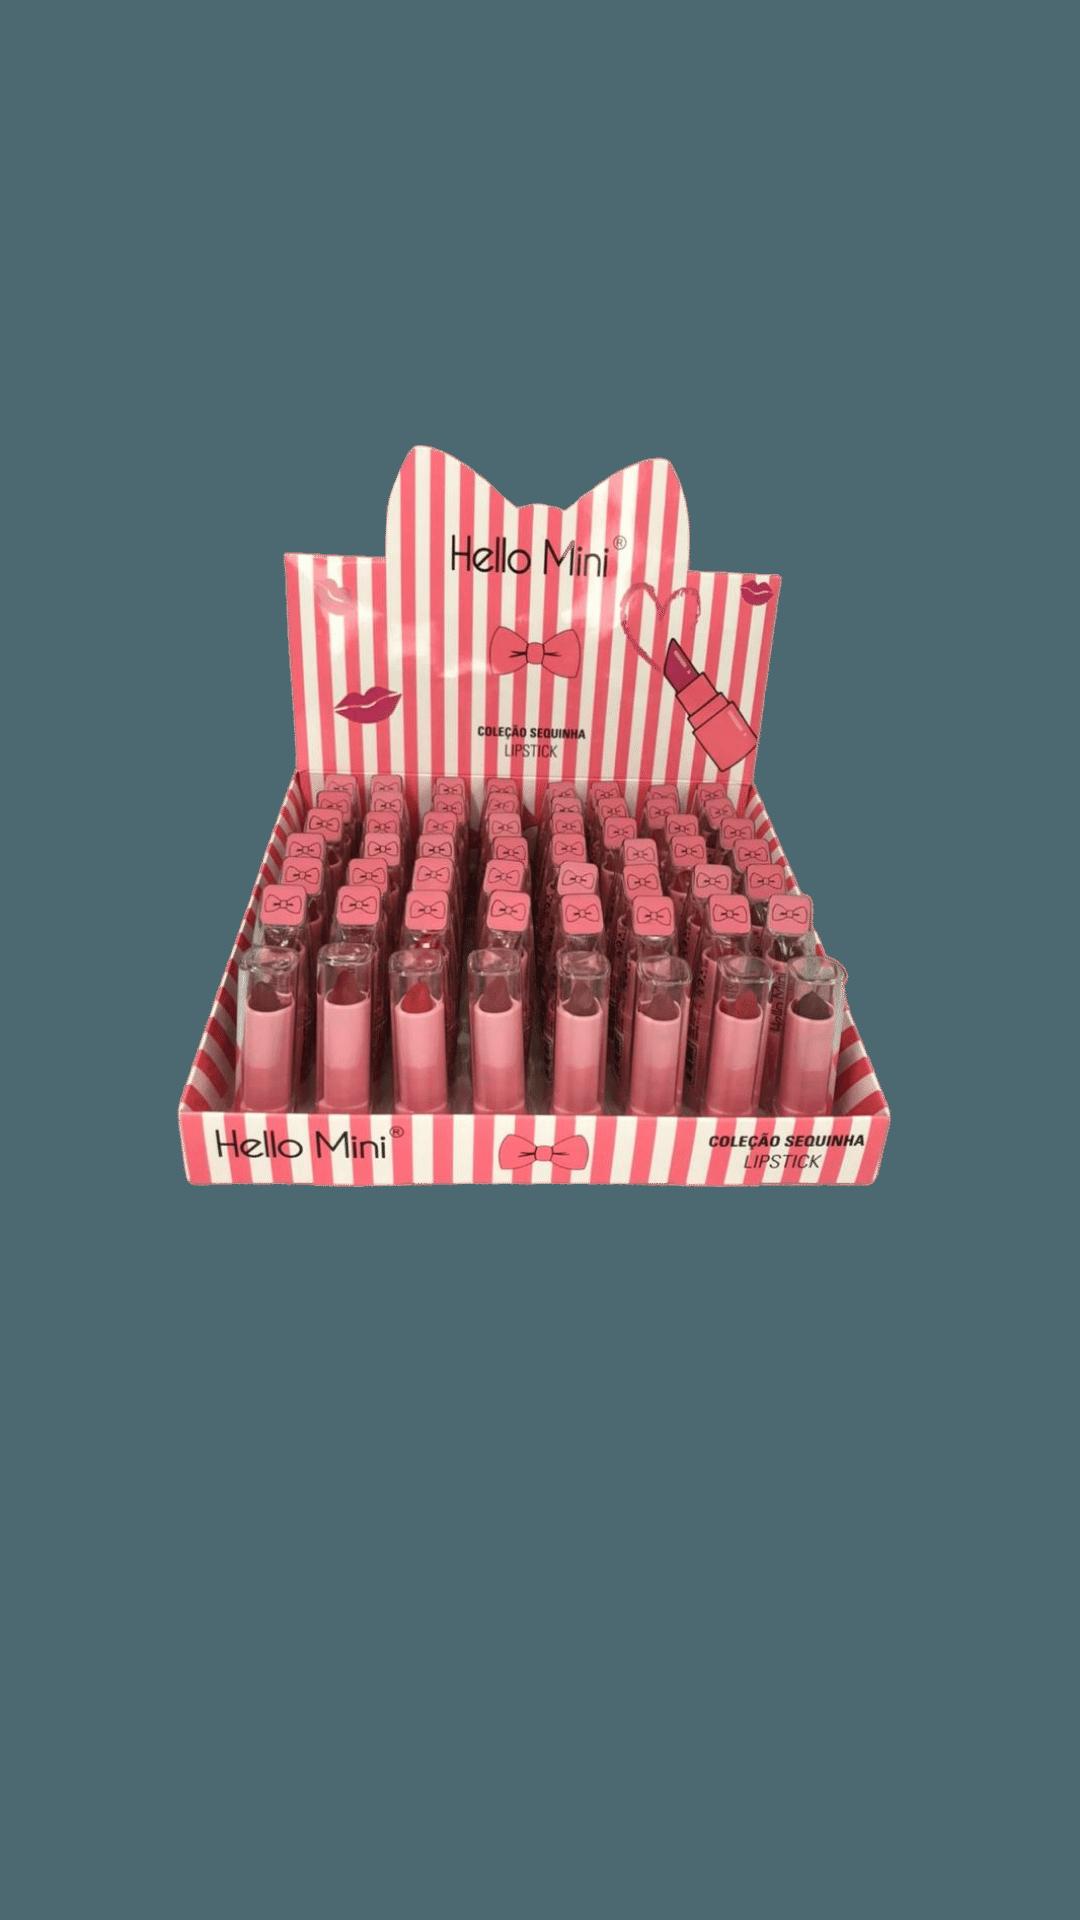 Batom Coleção Sequinha Lipstick - Hello Mini Box B - Box com 48Un. (Y127B)